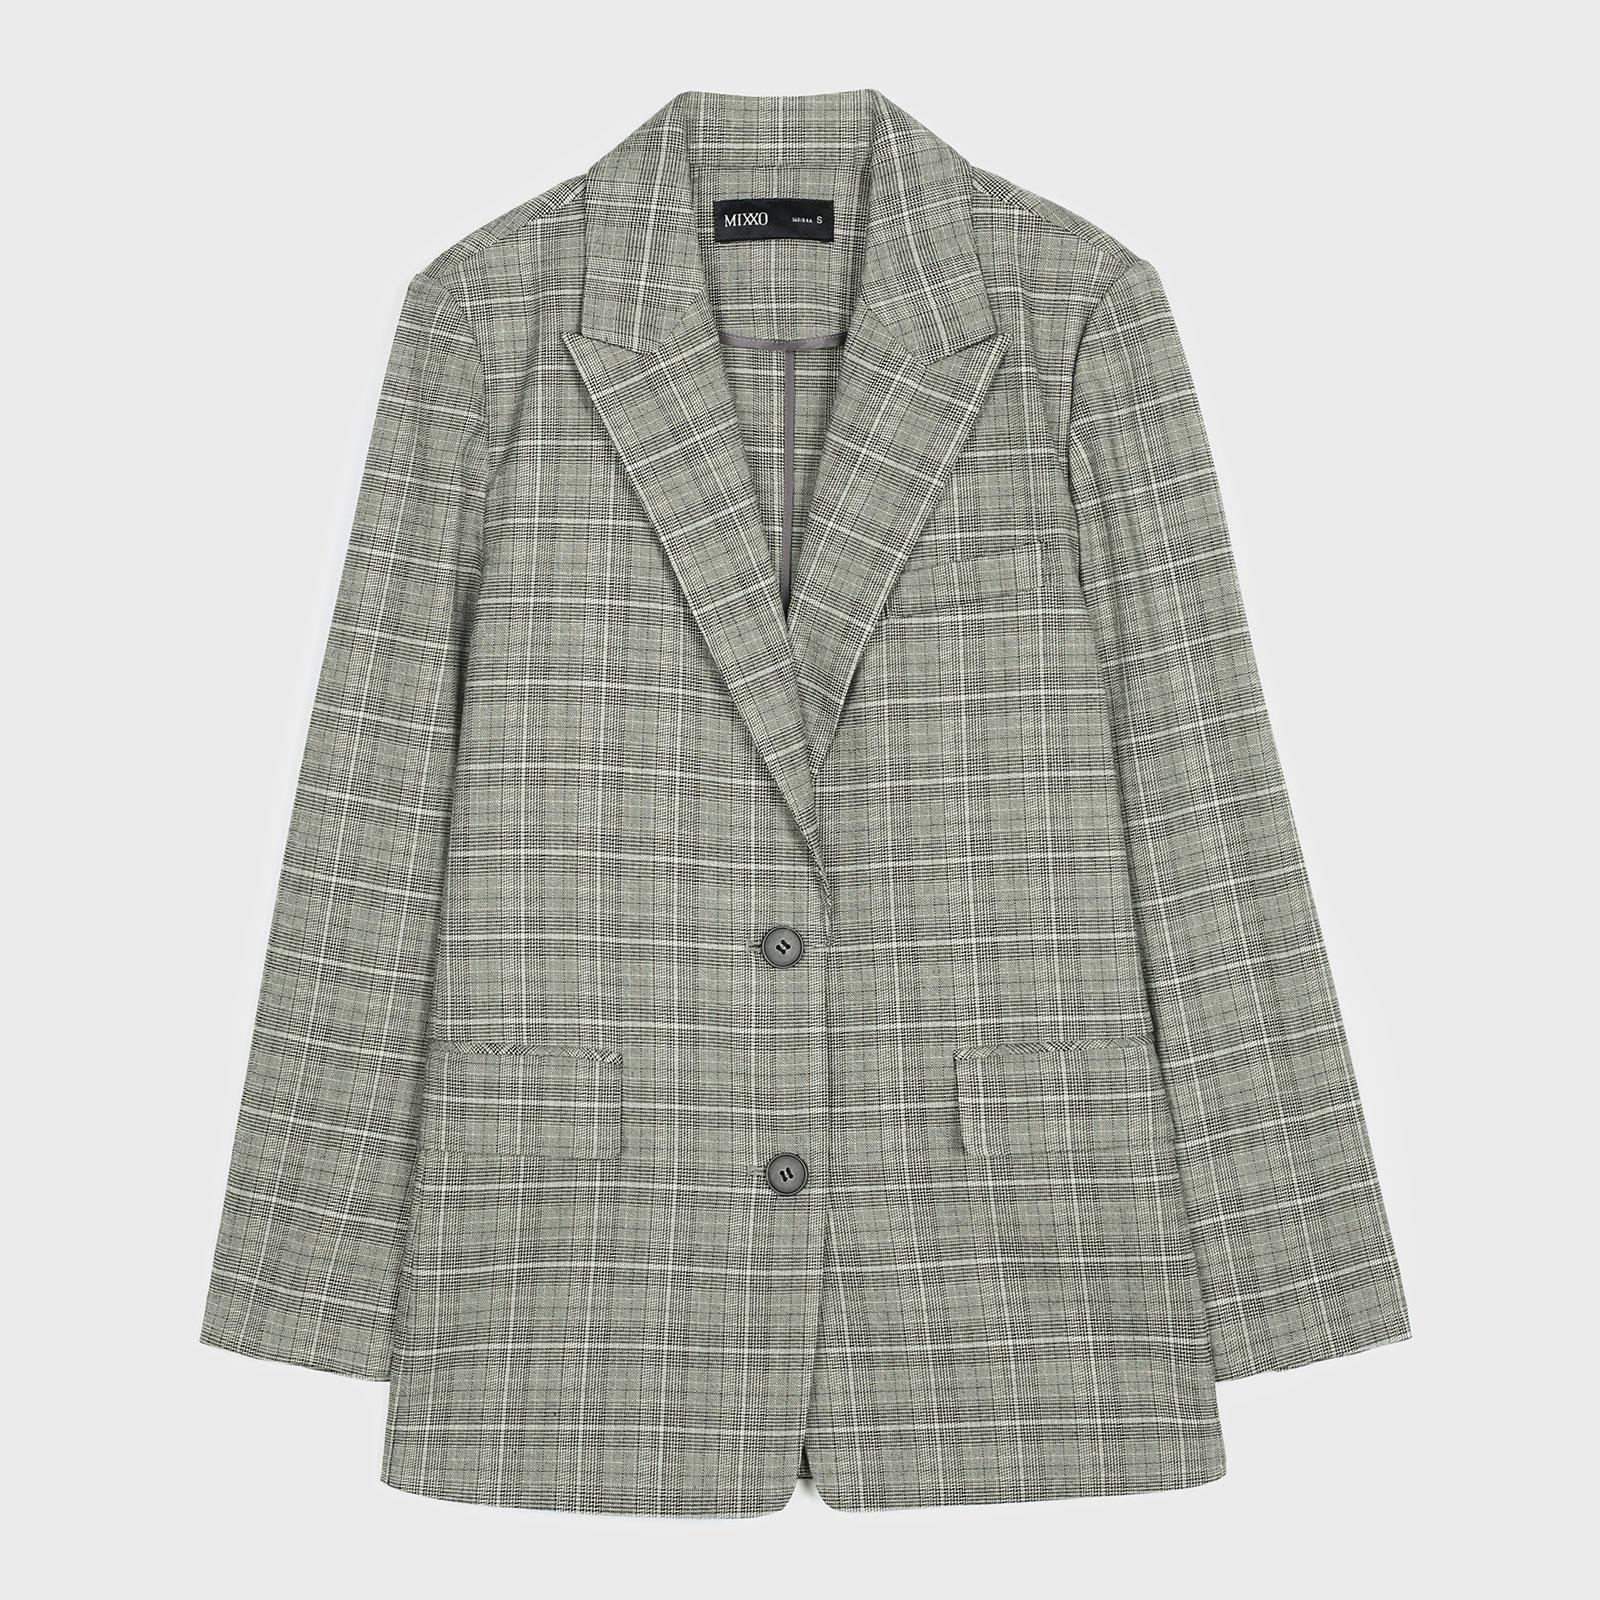 미쏘 여성용 체크 일자핏 싱글 자켓